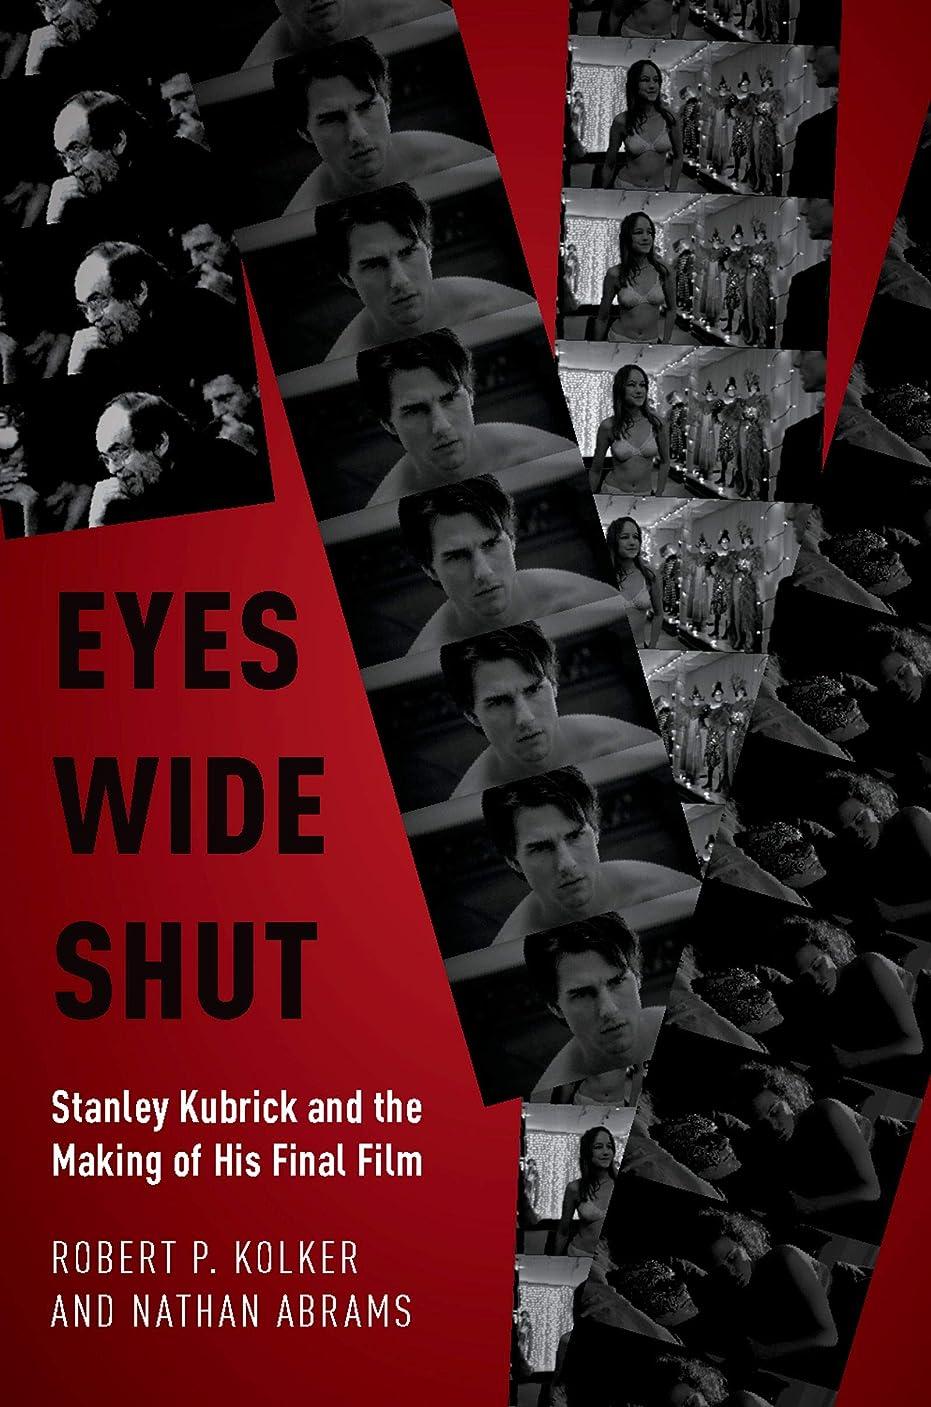 ブラウズ征服者ヘルパーEyes Wide Shut: Stanley Kubrick and the Making of His Final Film (English Edition)